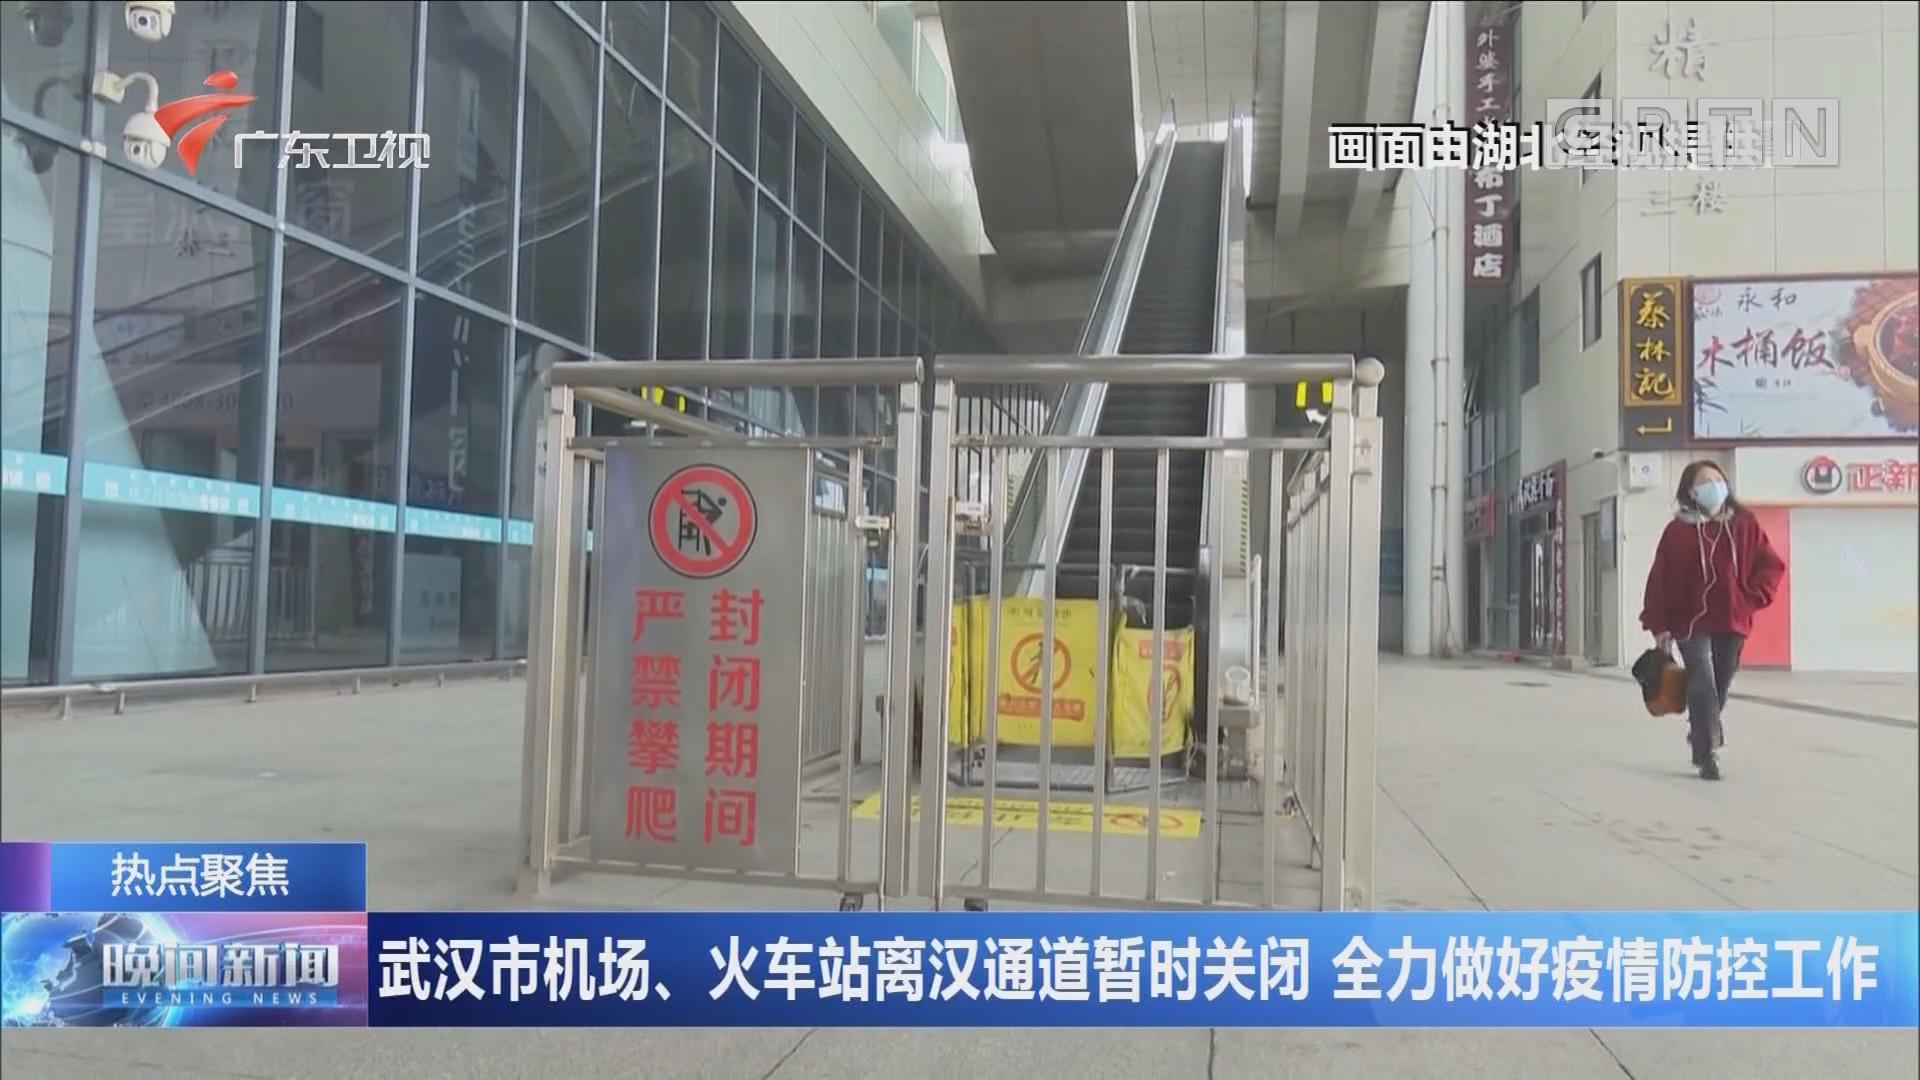 武汉市机场、火车站离汉通道暂时关闭 全力做好疫情防控工作